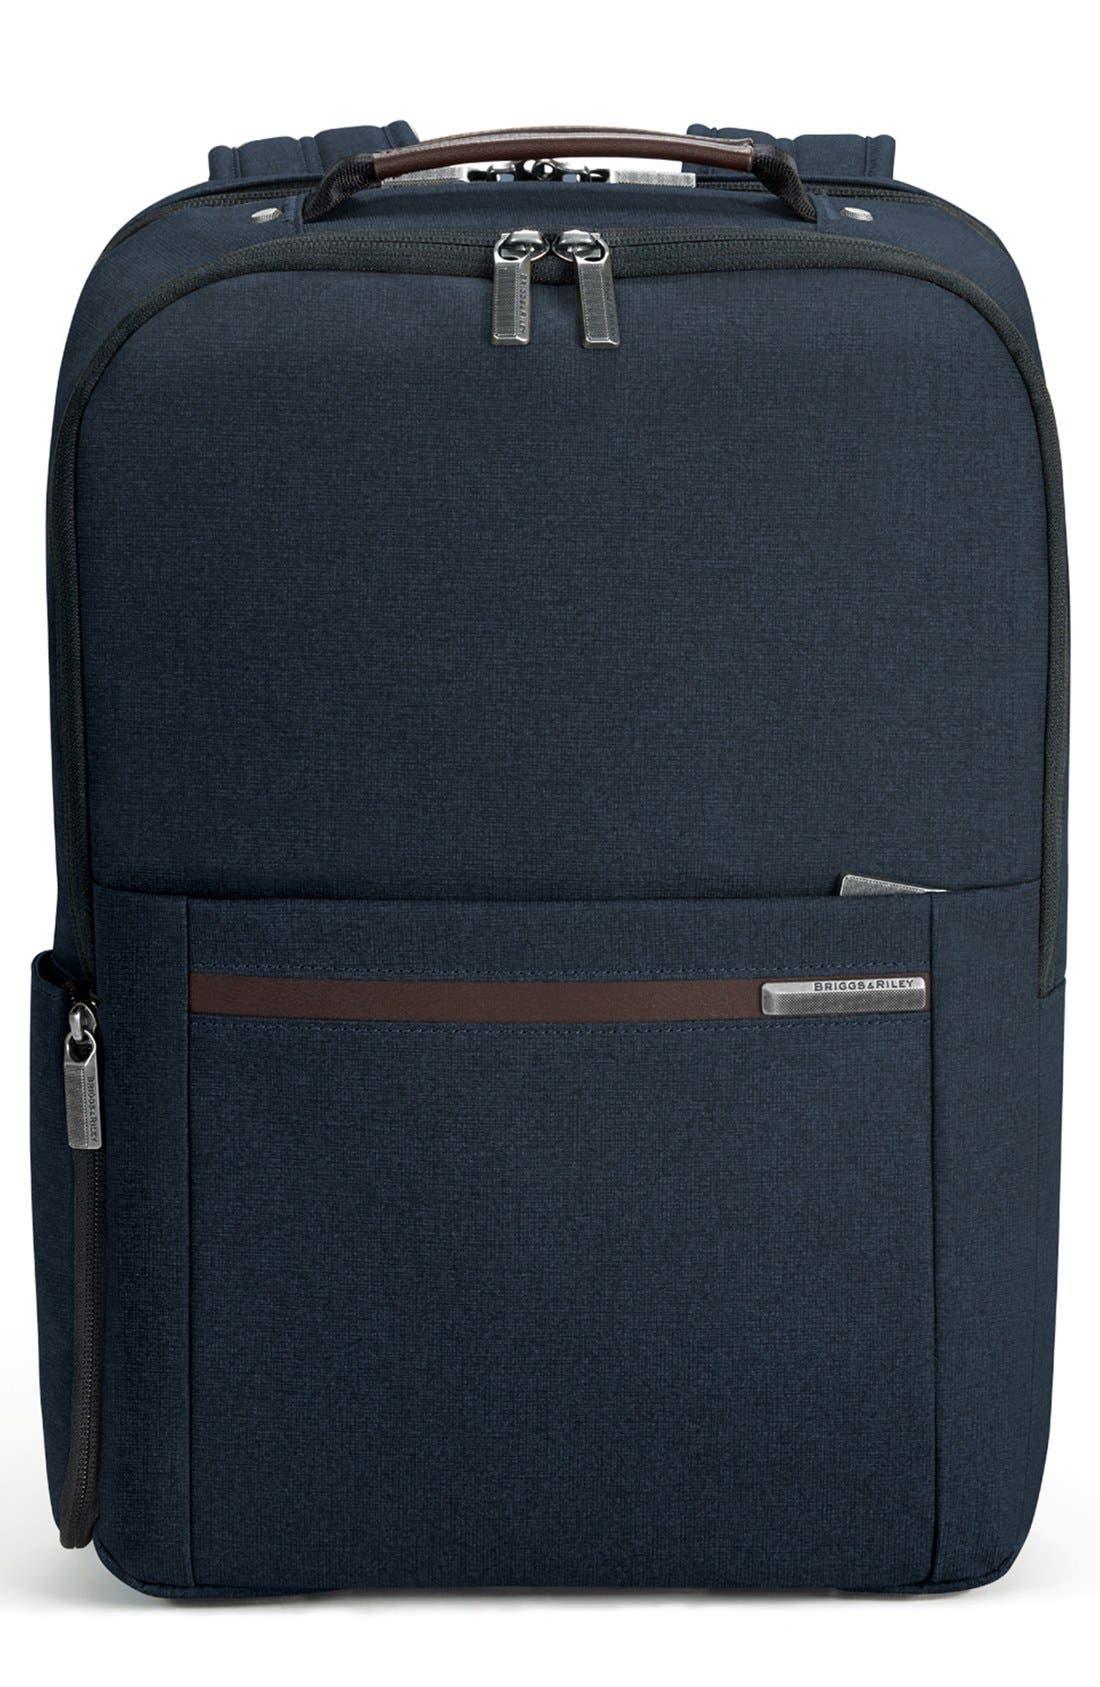 Briggs & Riley 'Kinzie Street' Medium Backpack